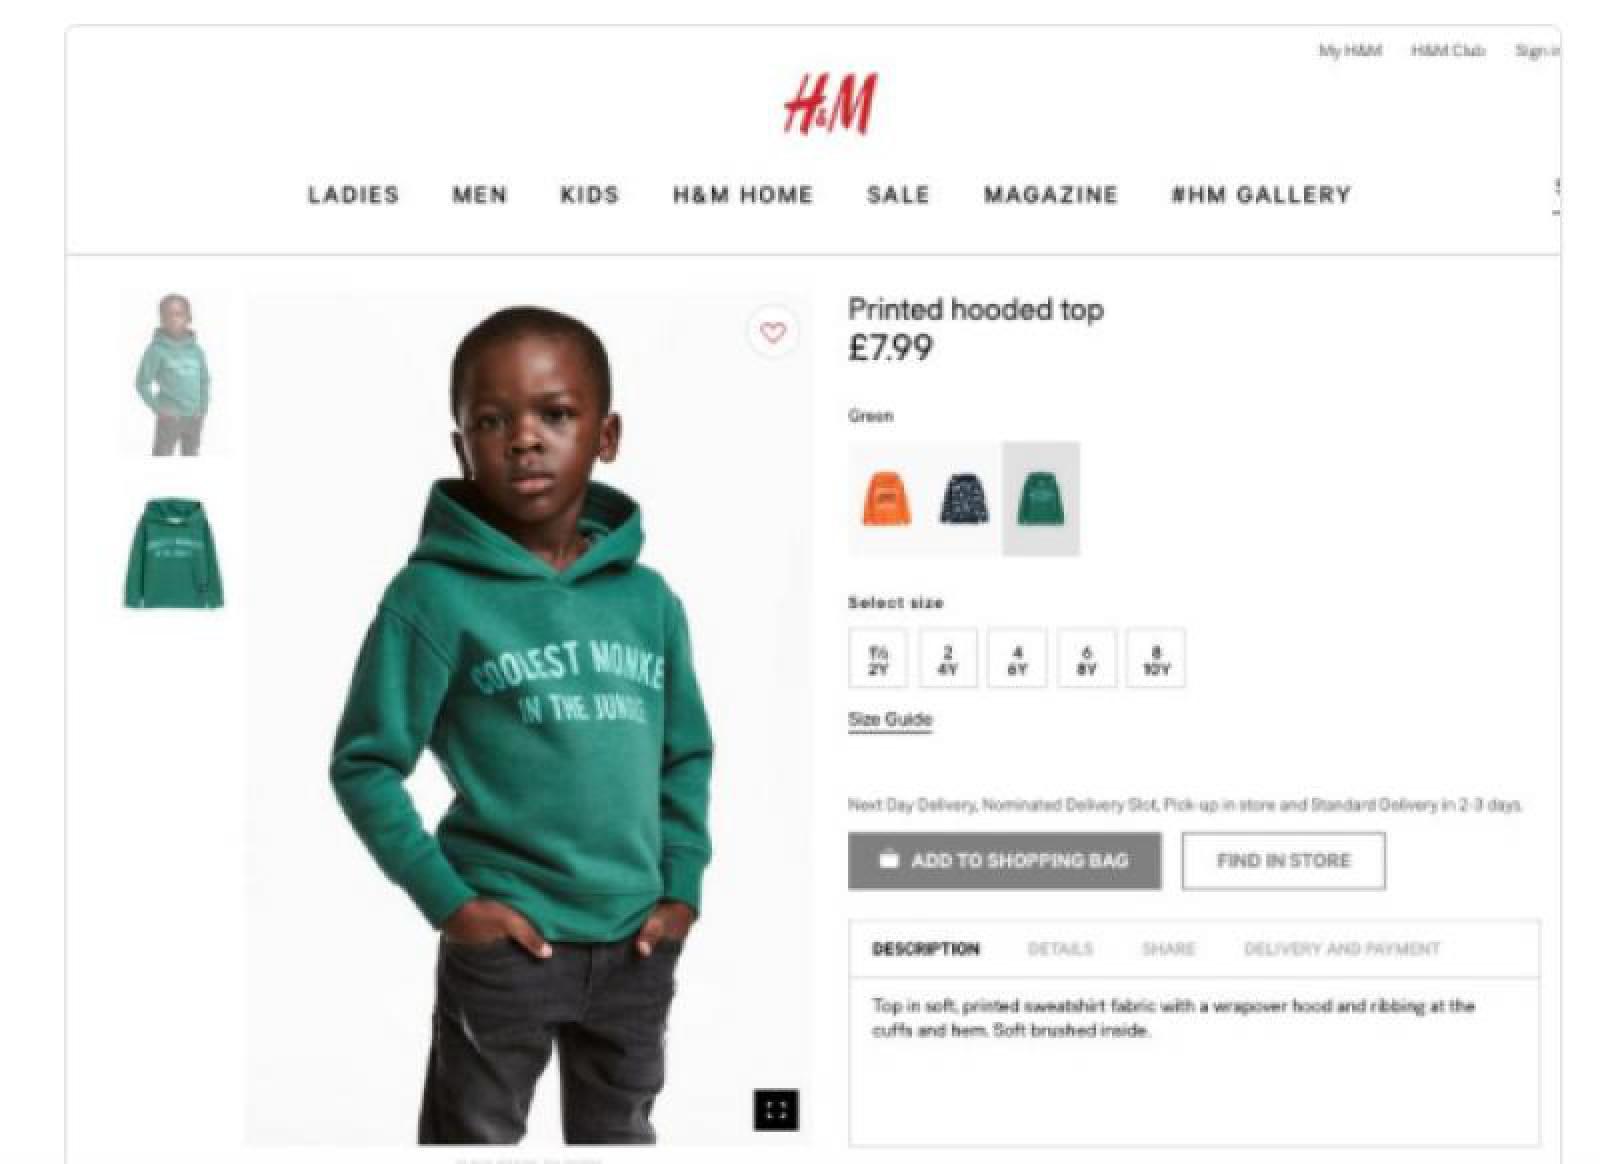 P. DIDDY i-a oferit un contract fabulos puștiului din reclama scandaloasă a companiei H&M